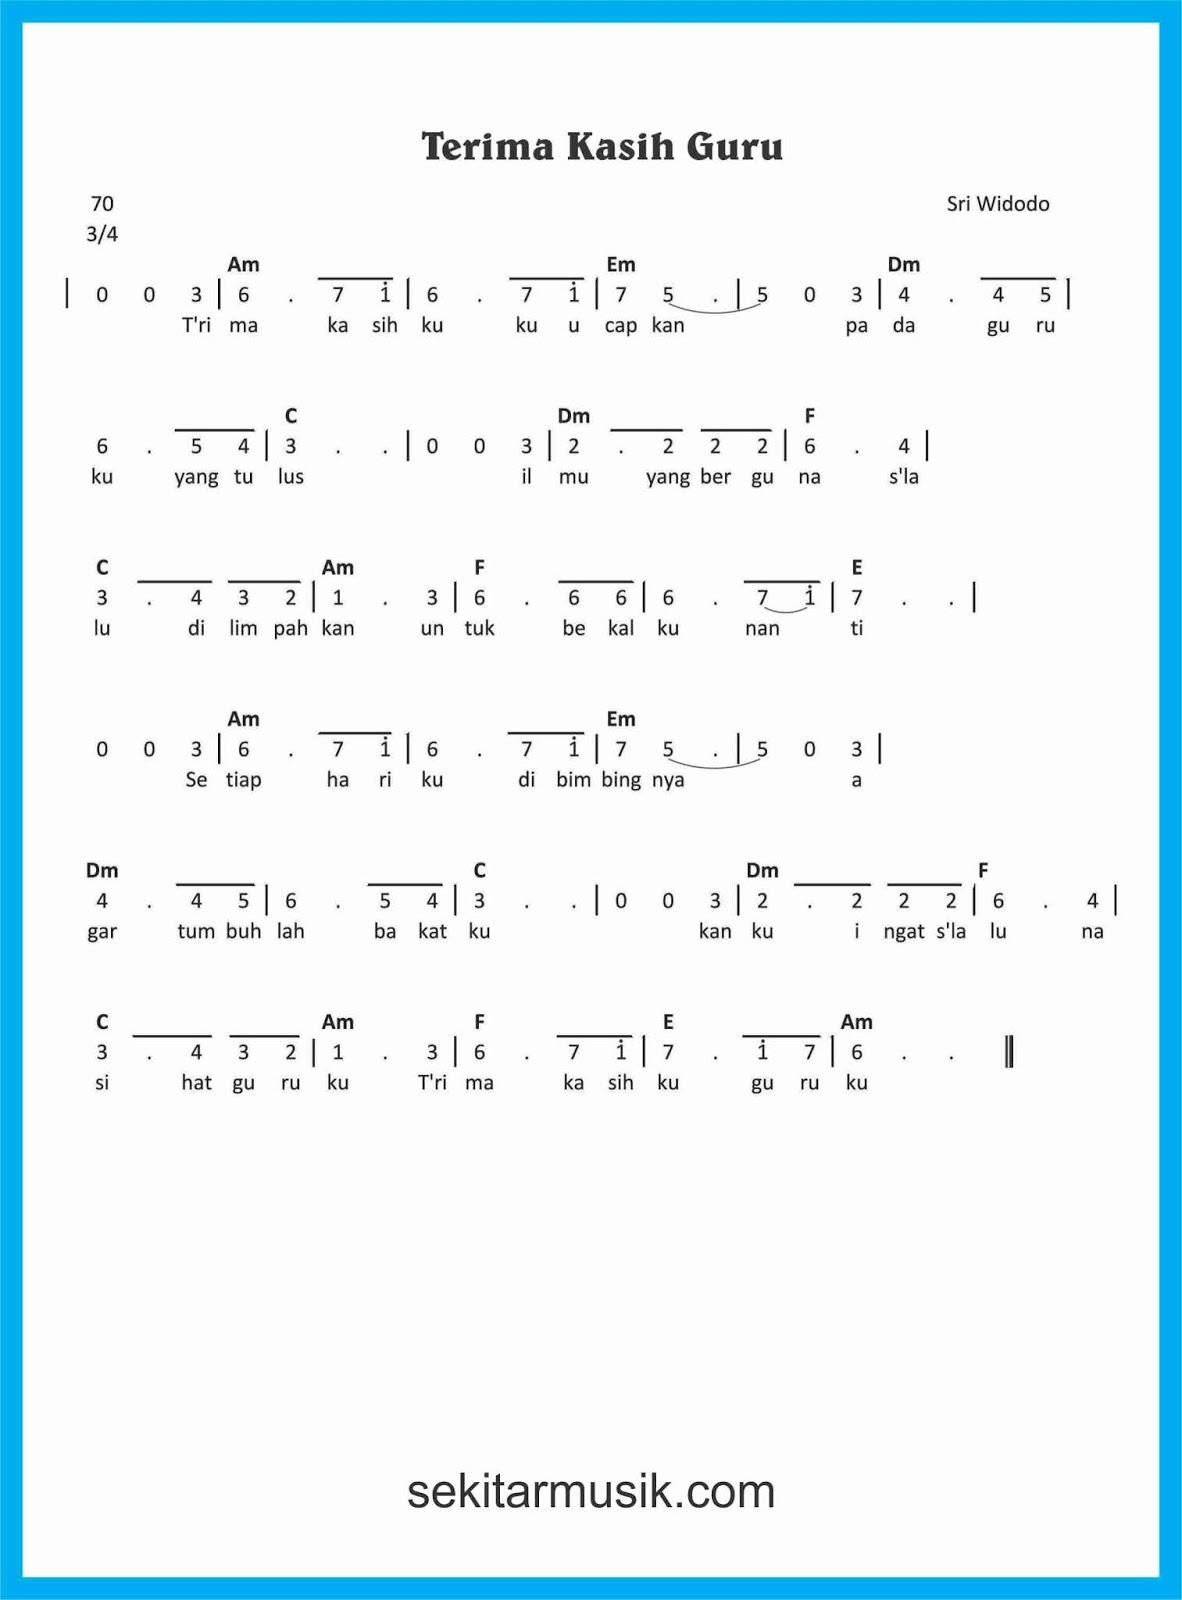 Lagu Terima Kasih Guruku : terima, kasih, guruku, Terima, Kasih, Guruku, Chord